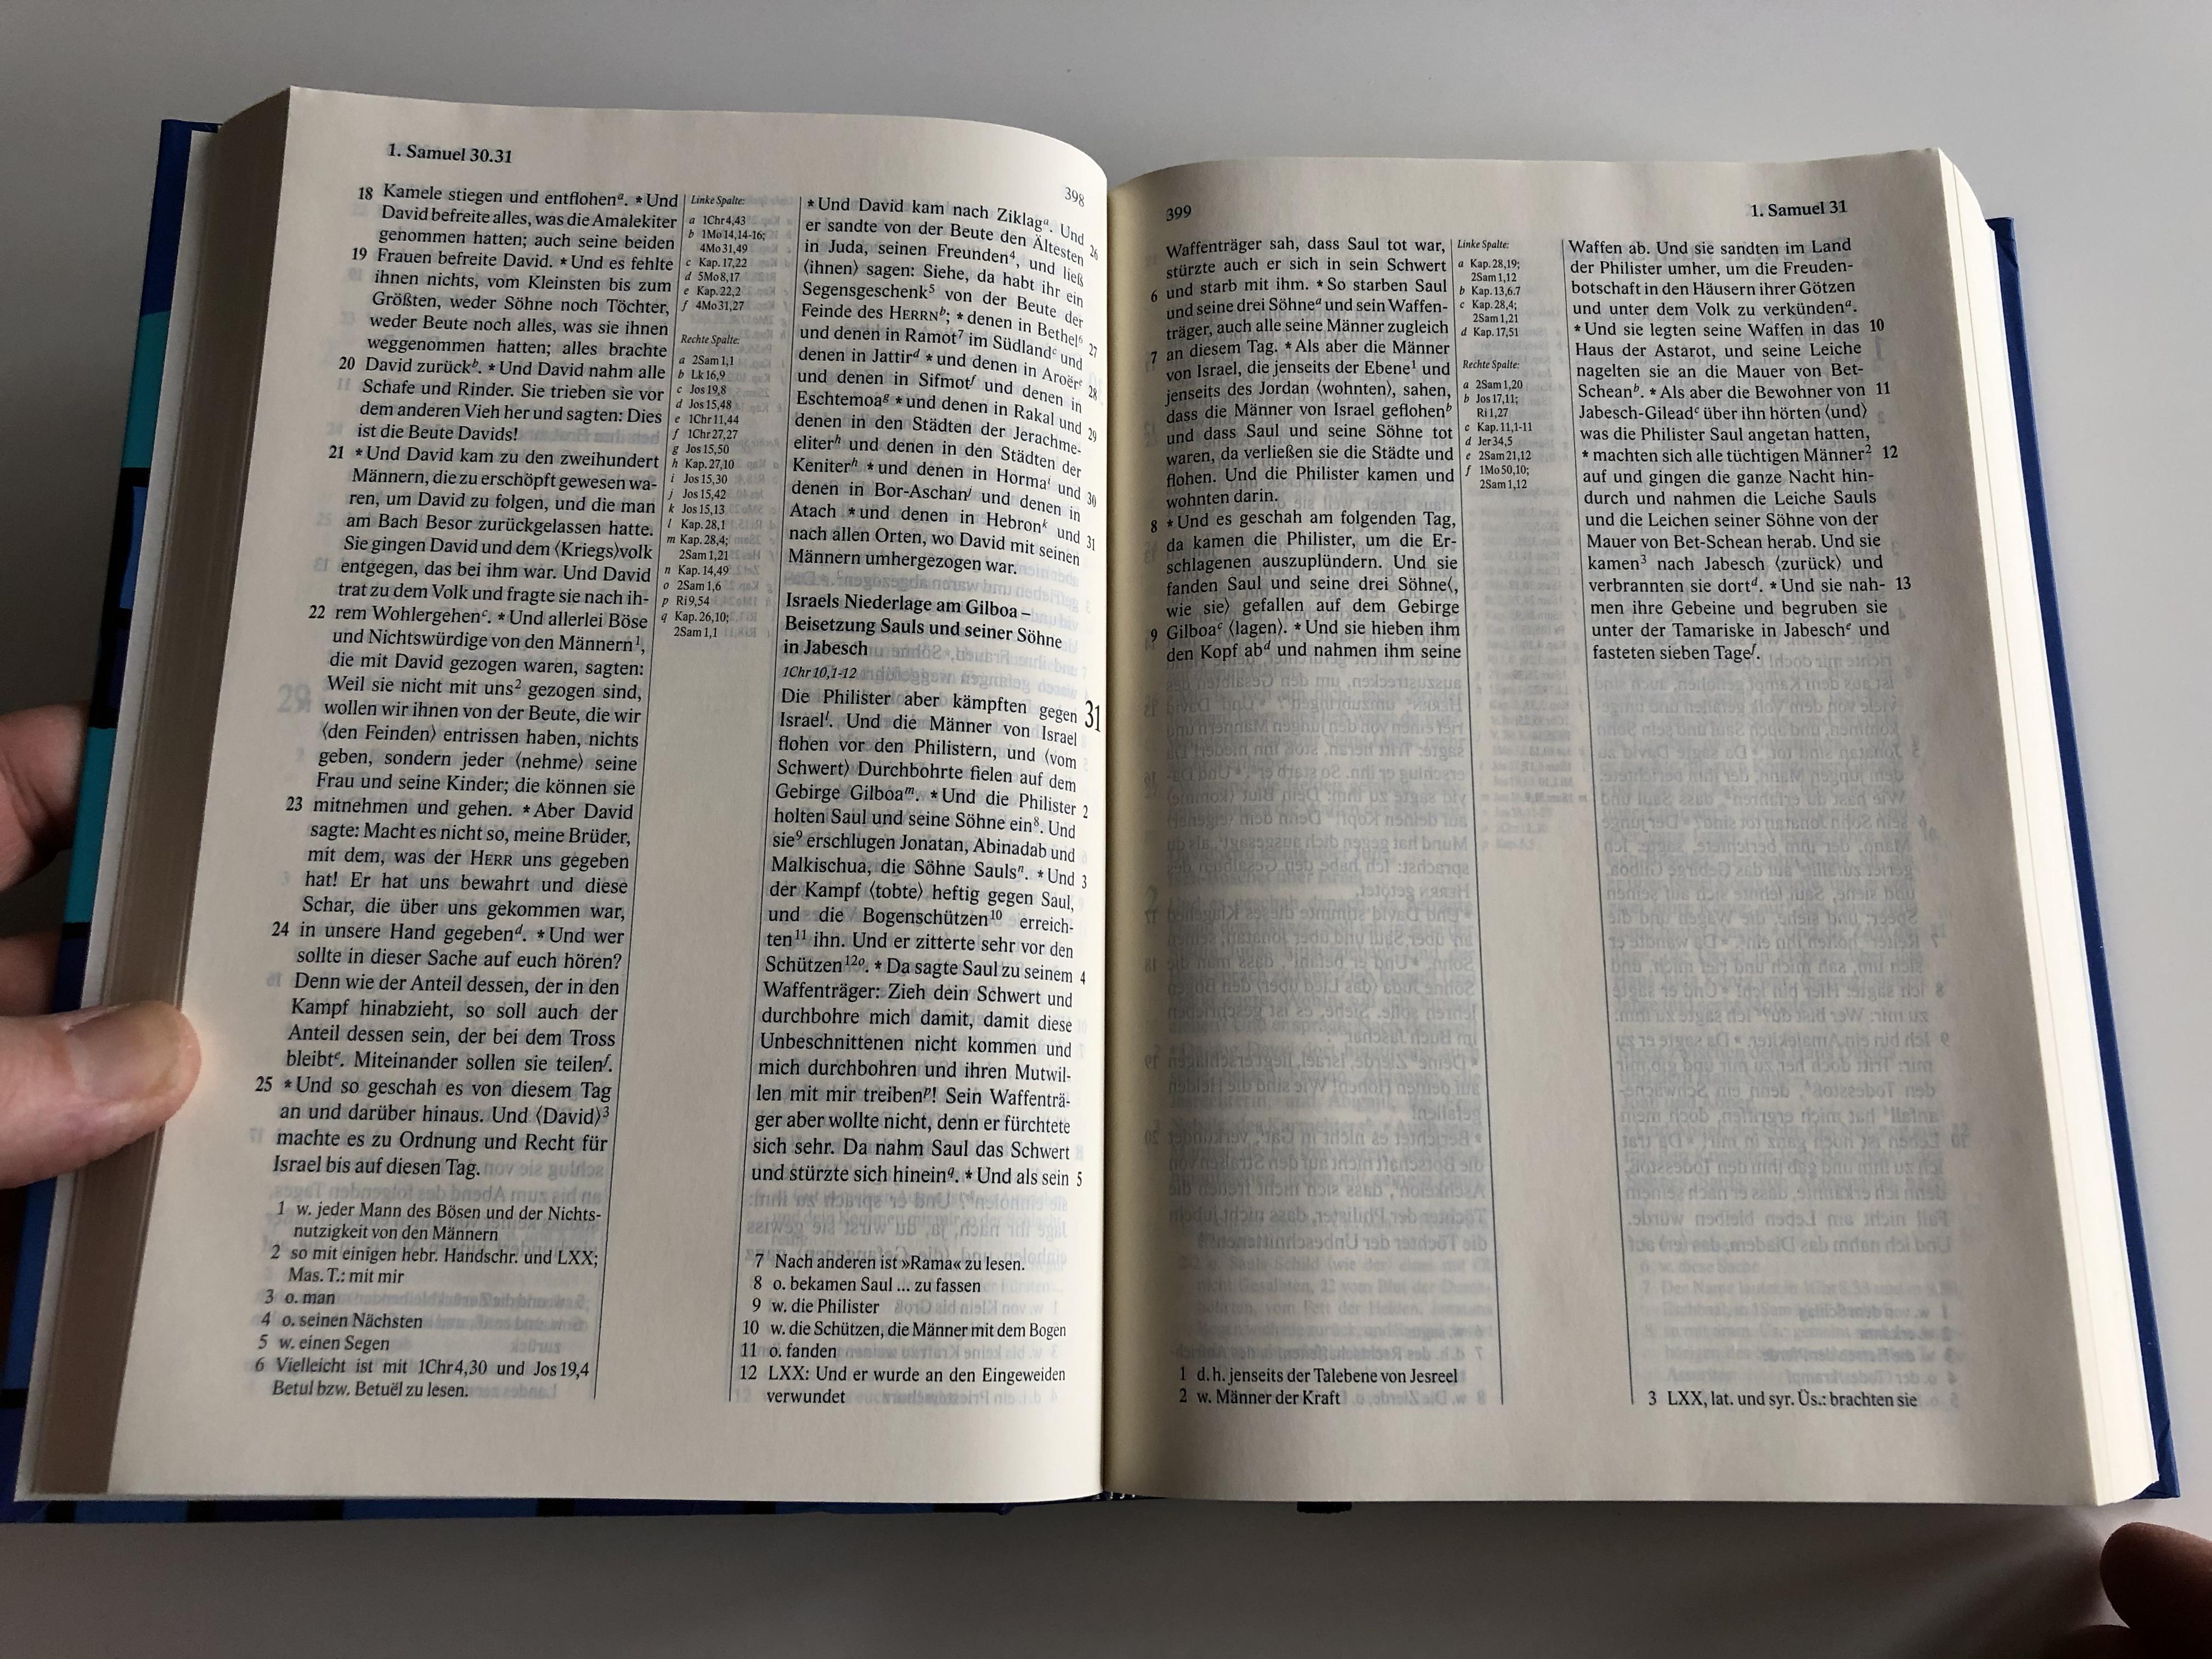 elberfelder-bibel-motiv-kirchenfenster-fisch-bible-in-german-language-5.jpg